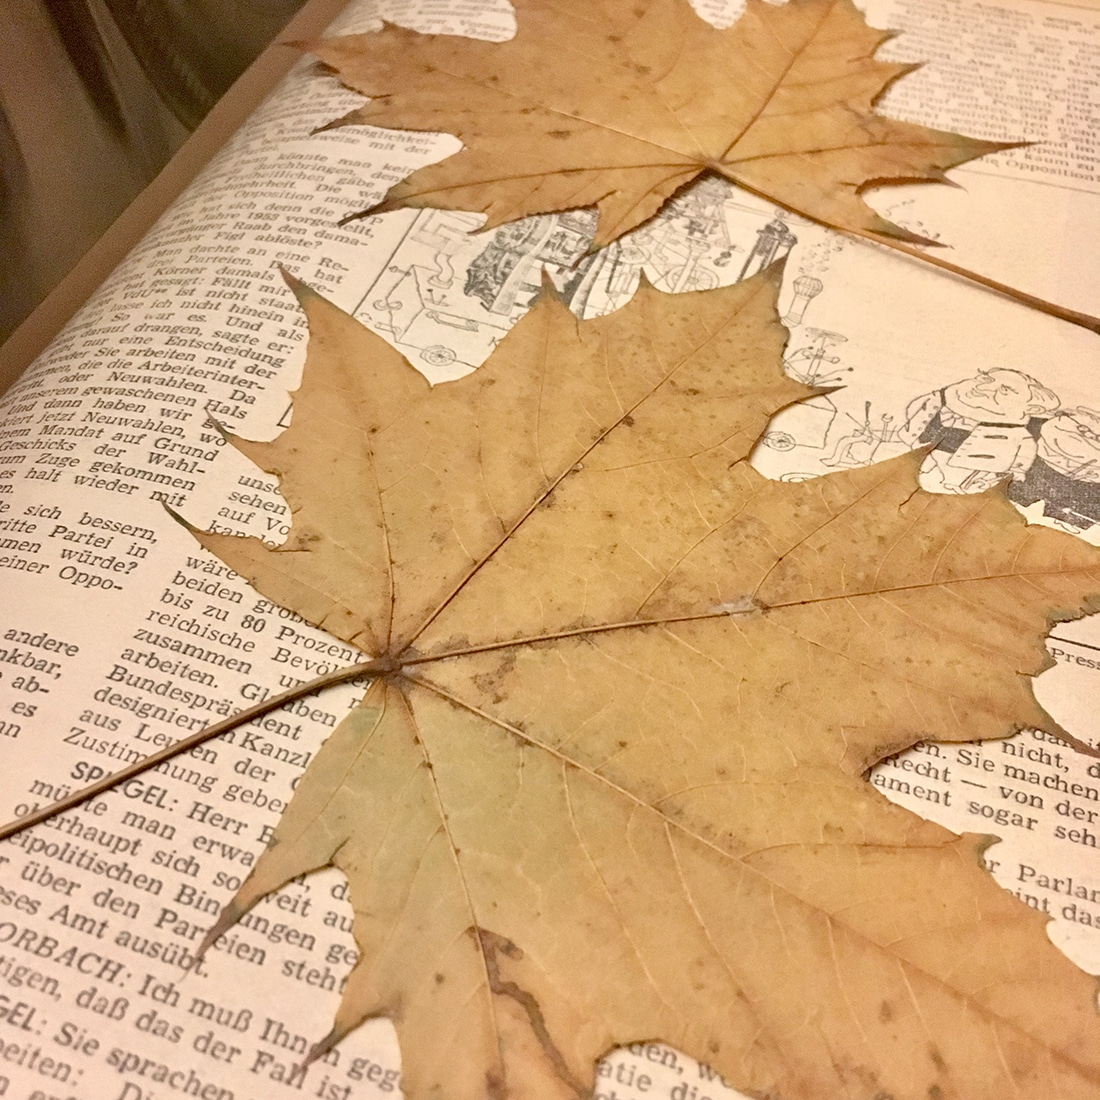 Gepresste Blätter liegen in einem Buch